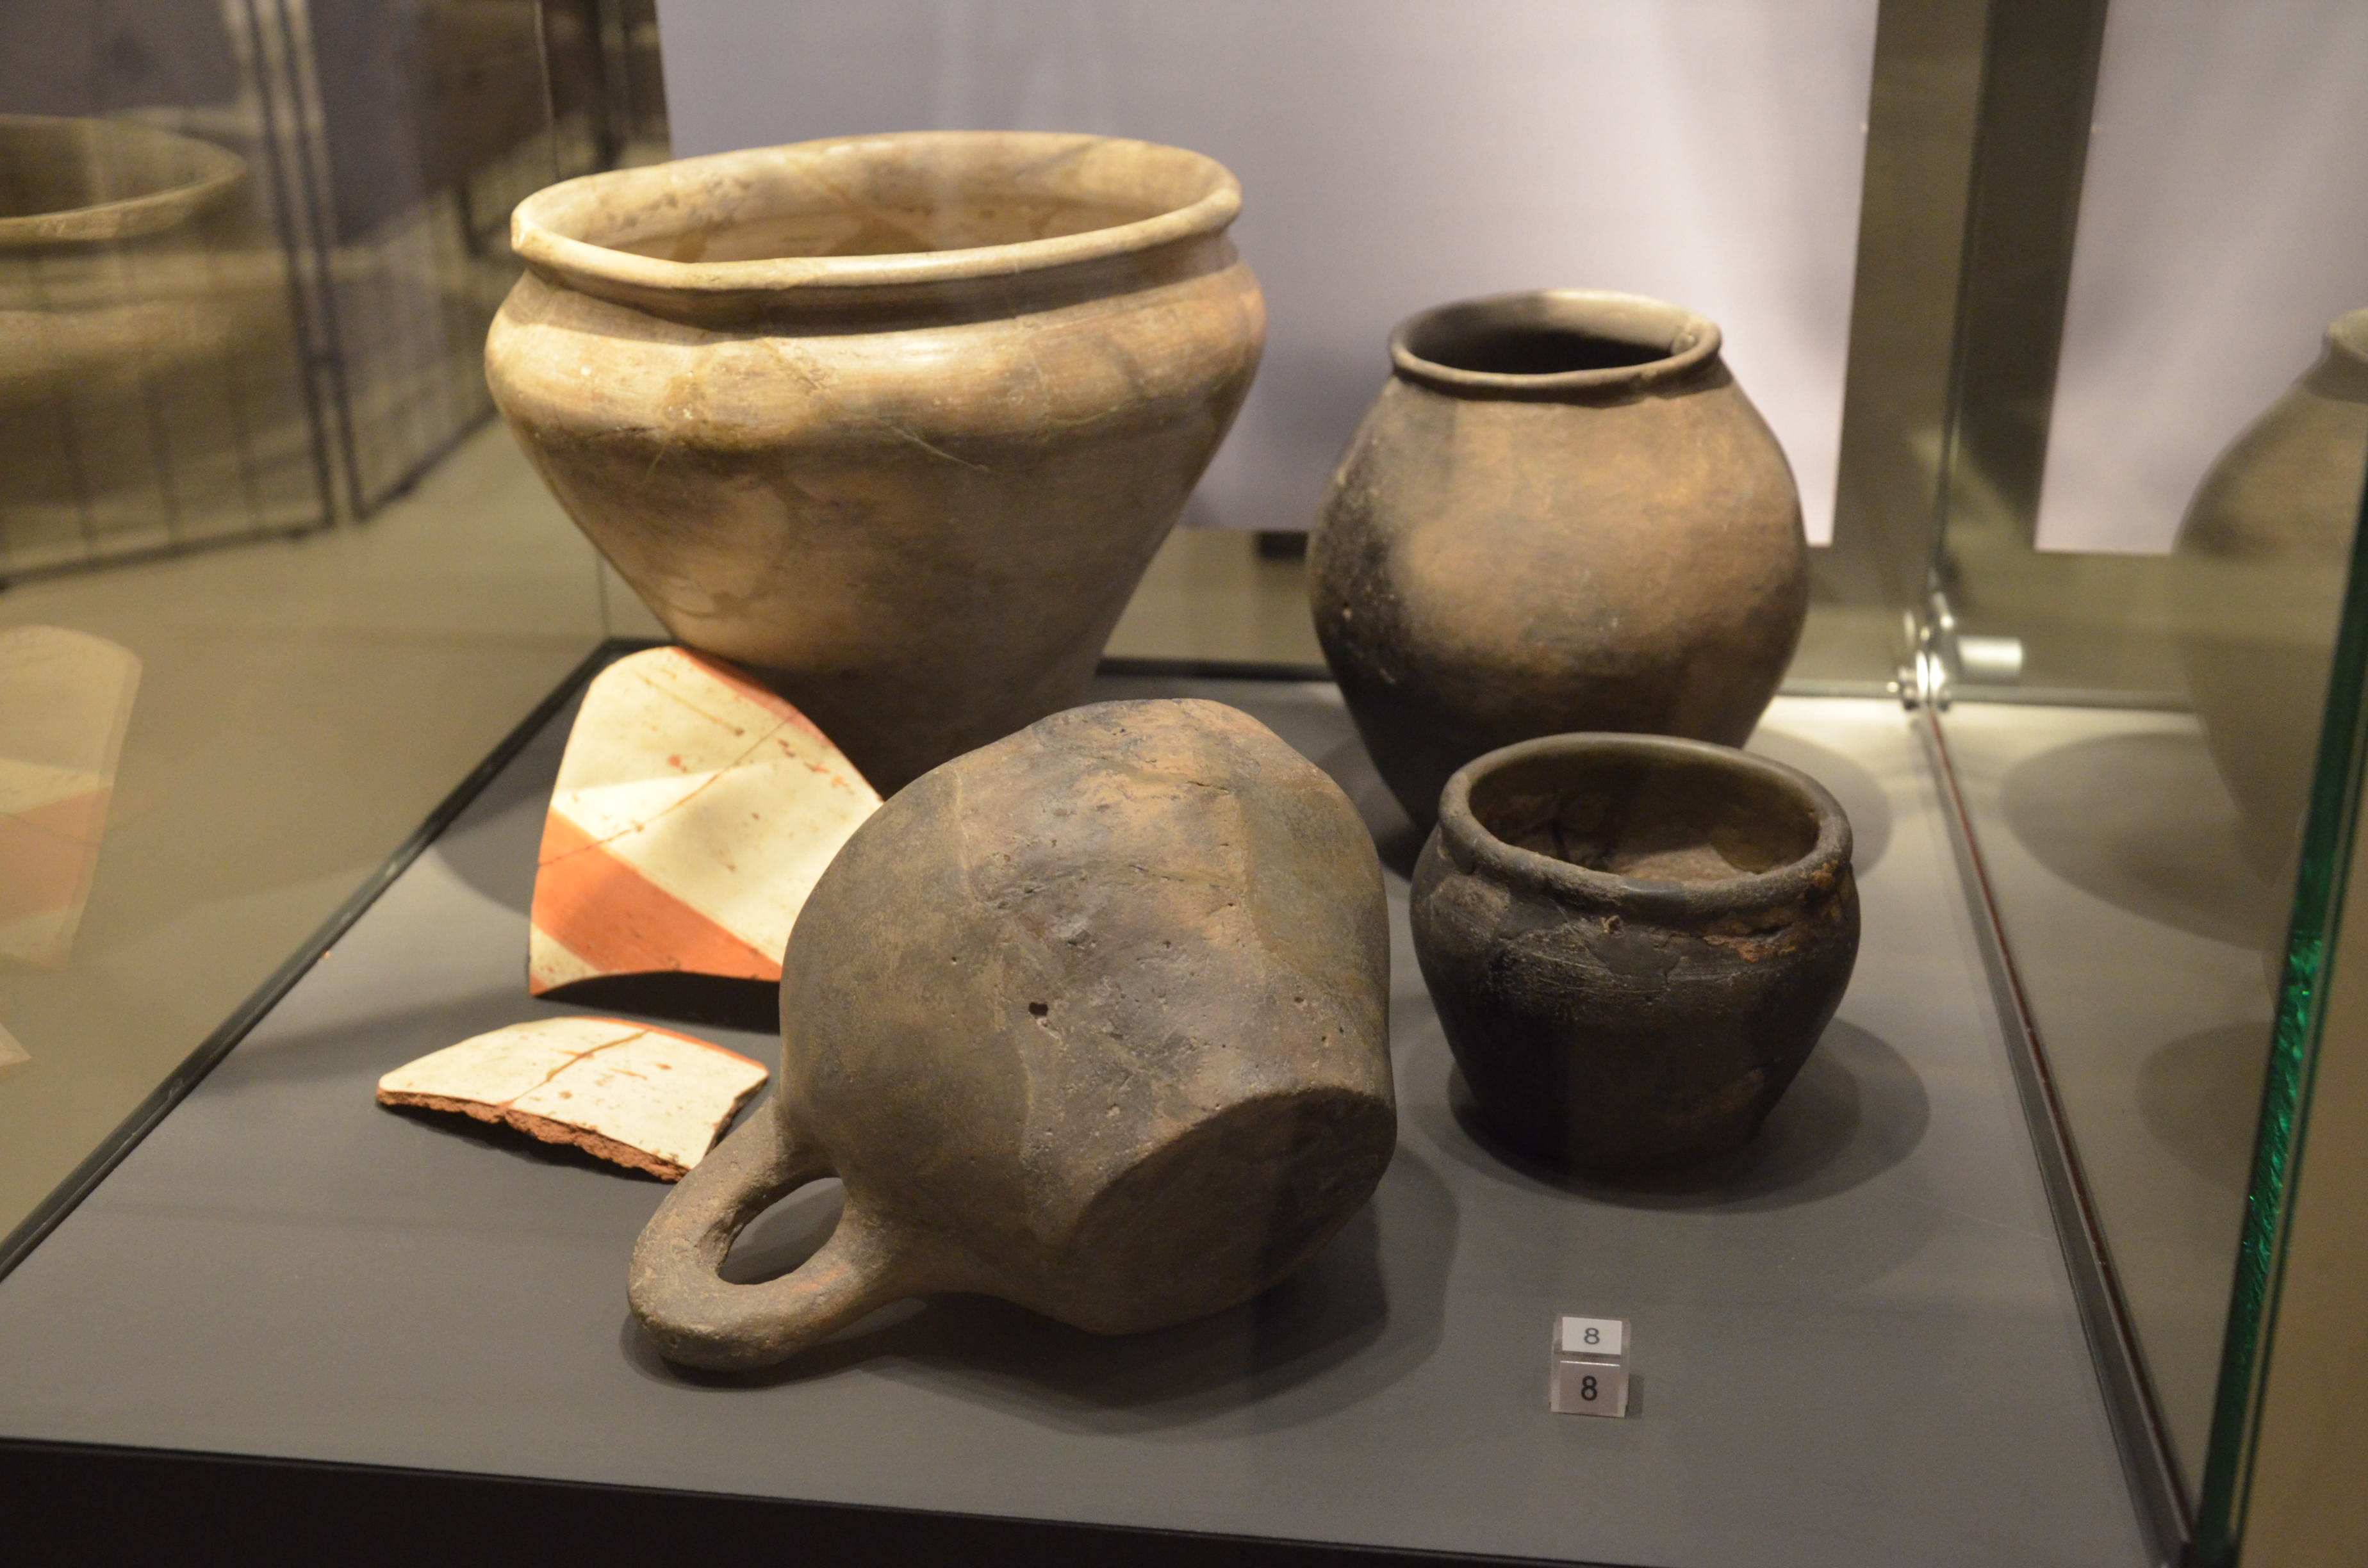 plik keltische keramik des 3 bis 1 jahrhunderts vor christus a set of vessels used by celts. Black Bedroom Furniture Sets. Home Design Ideas